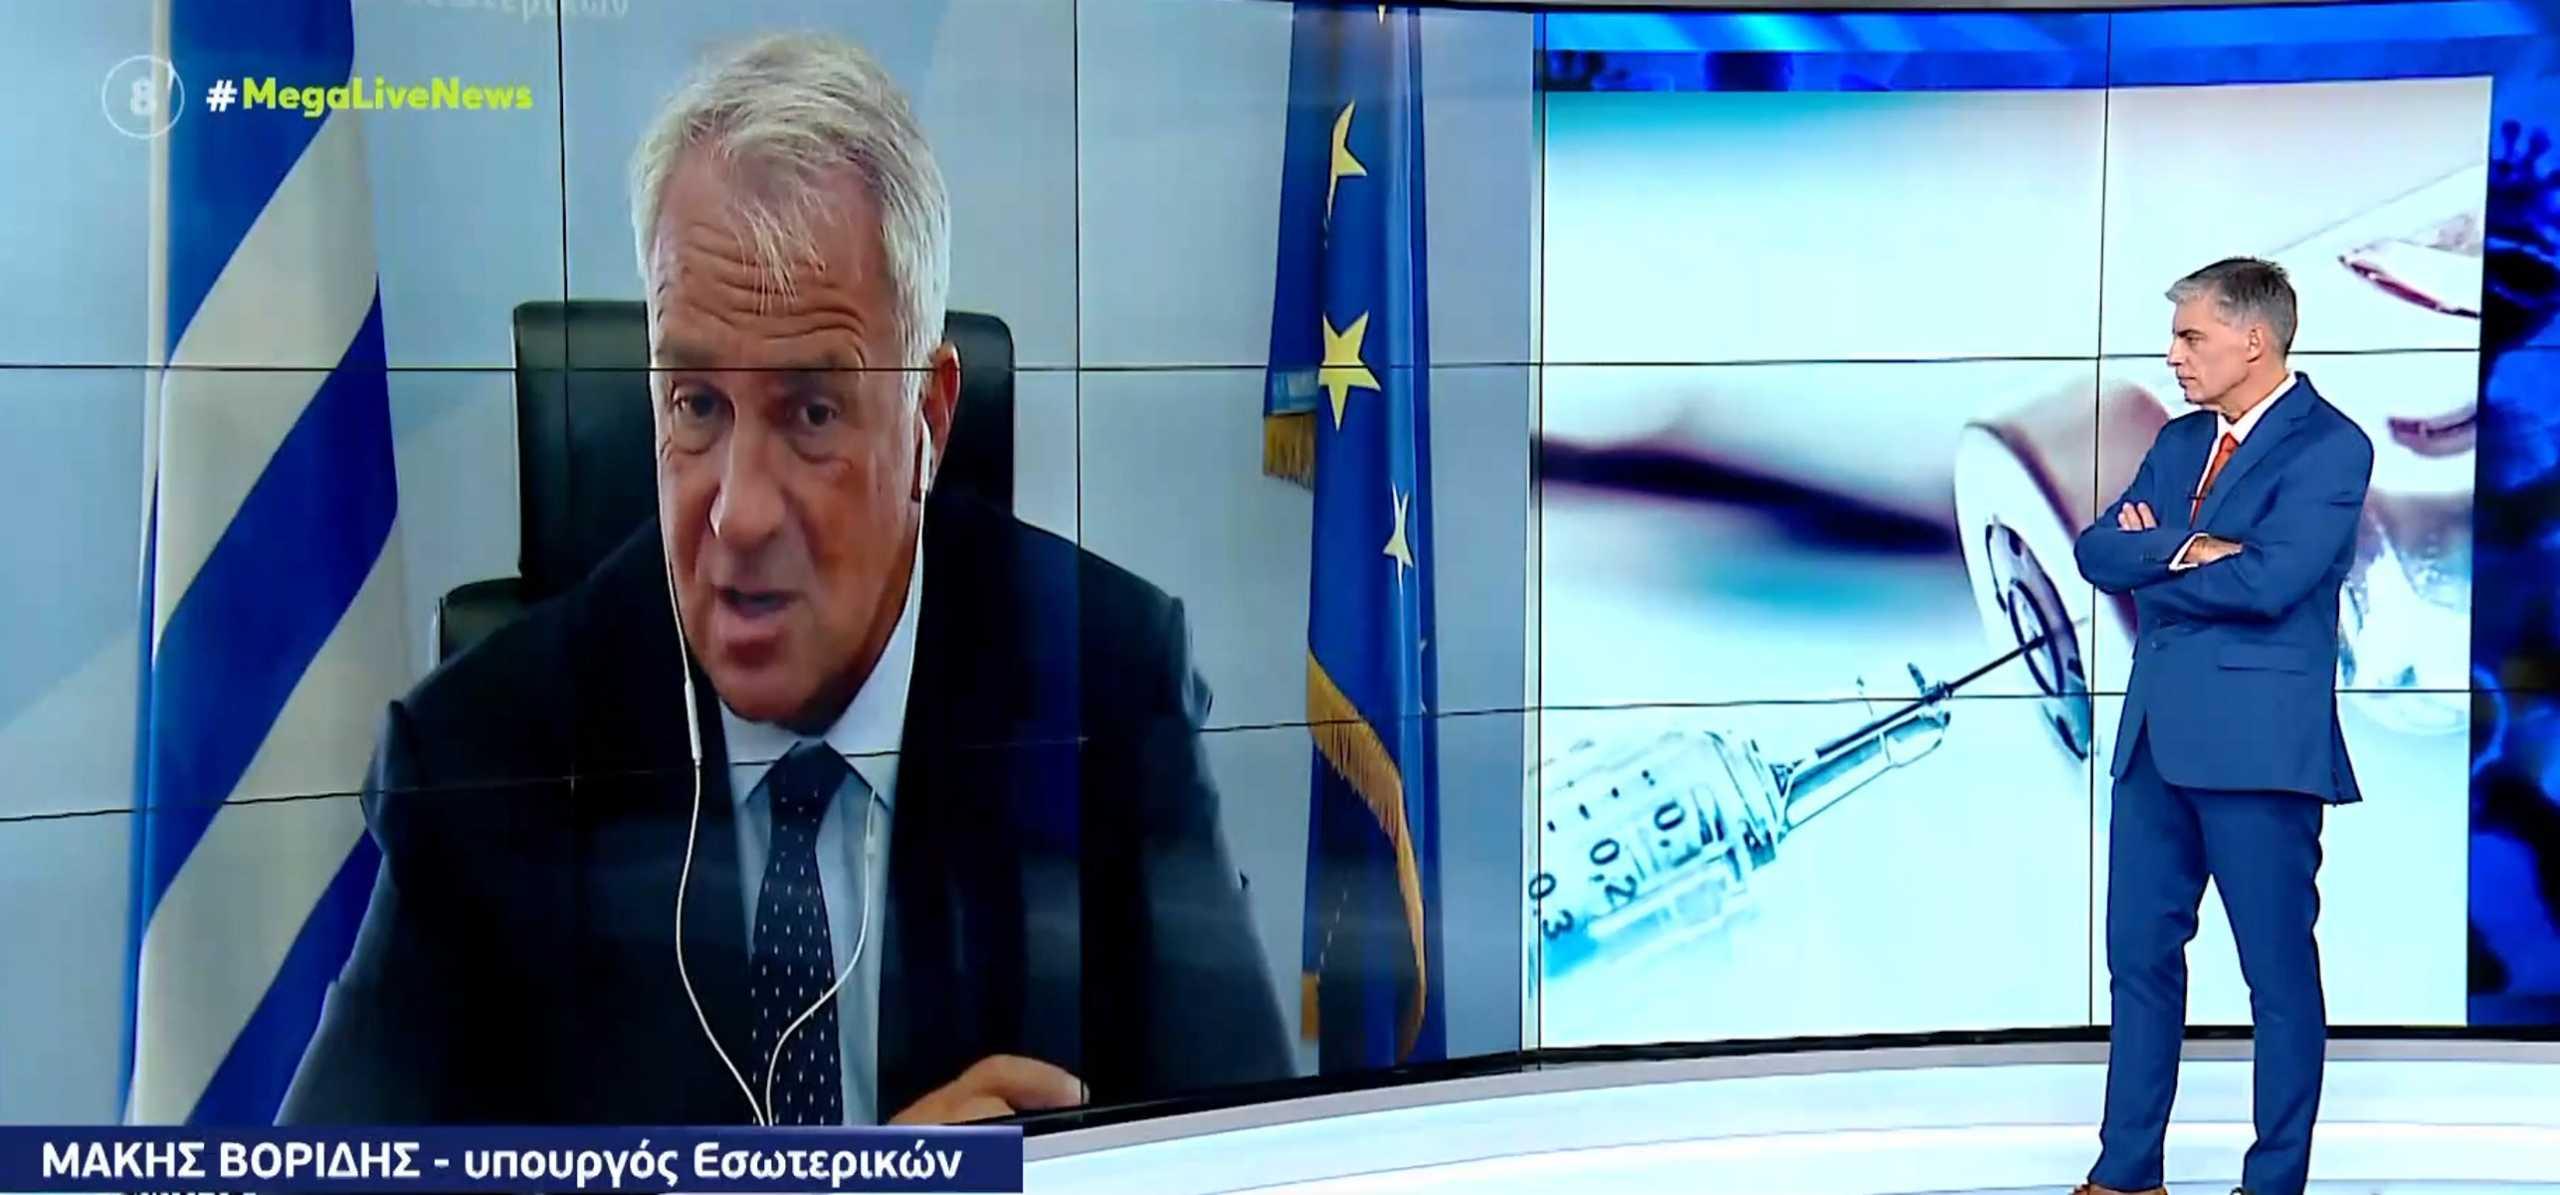 Μάκης Βορίδης στο Live News για τα 300άρια στους δημοσίους υπαλλήλους που αρνούνται εμβολιασμό και τεστ